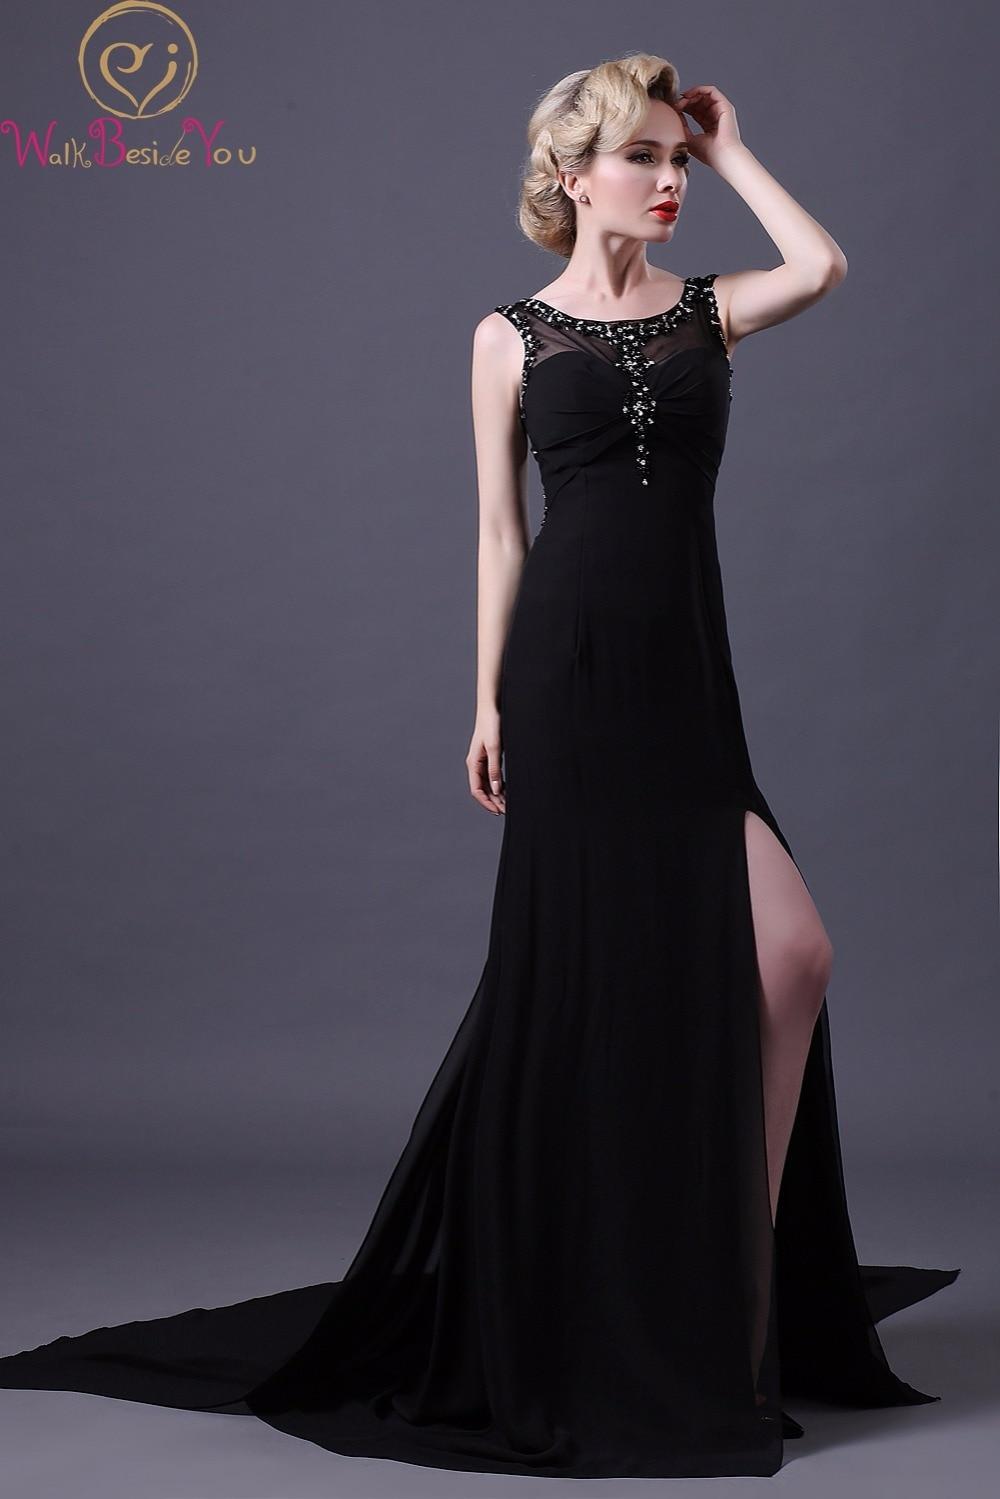 Único Vestido De Novia Negro Para La Venta Viñeta - Vestido de Novia ...